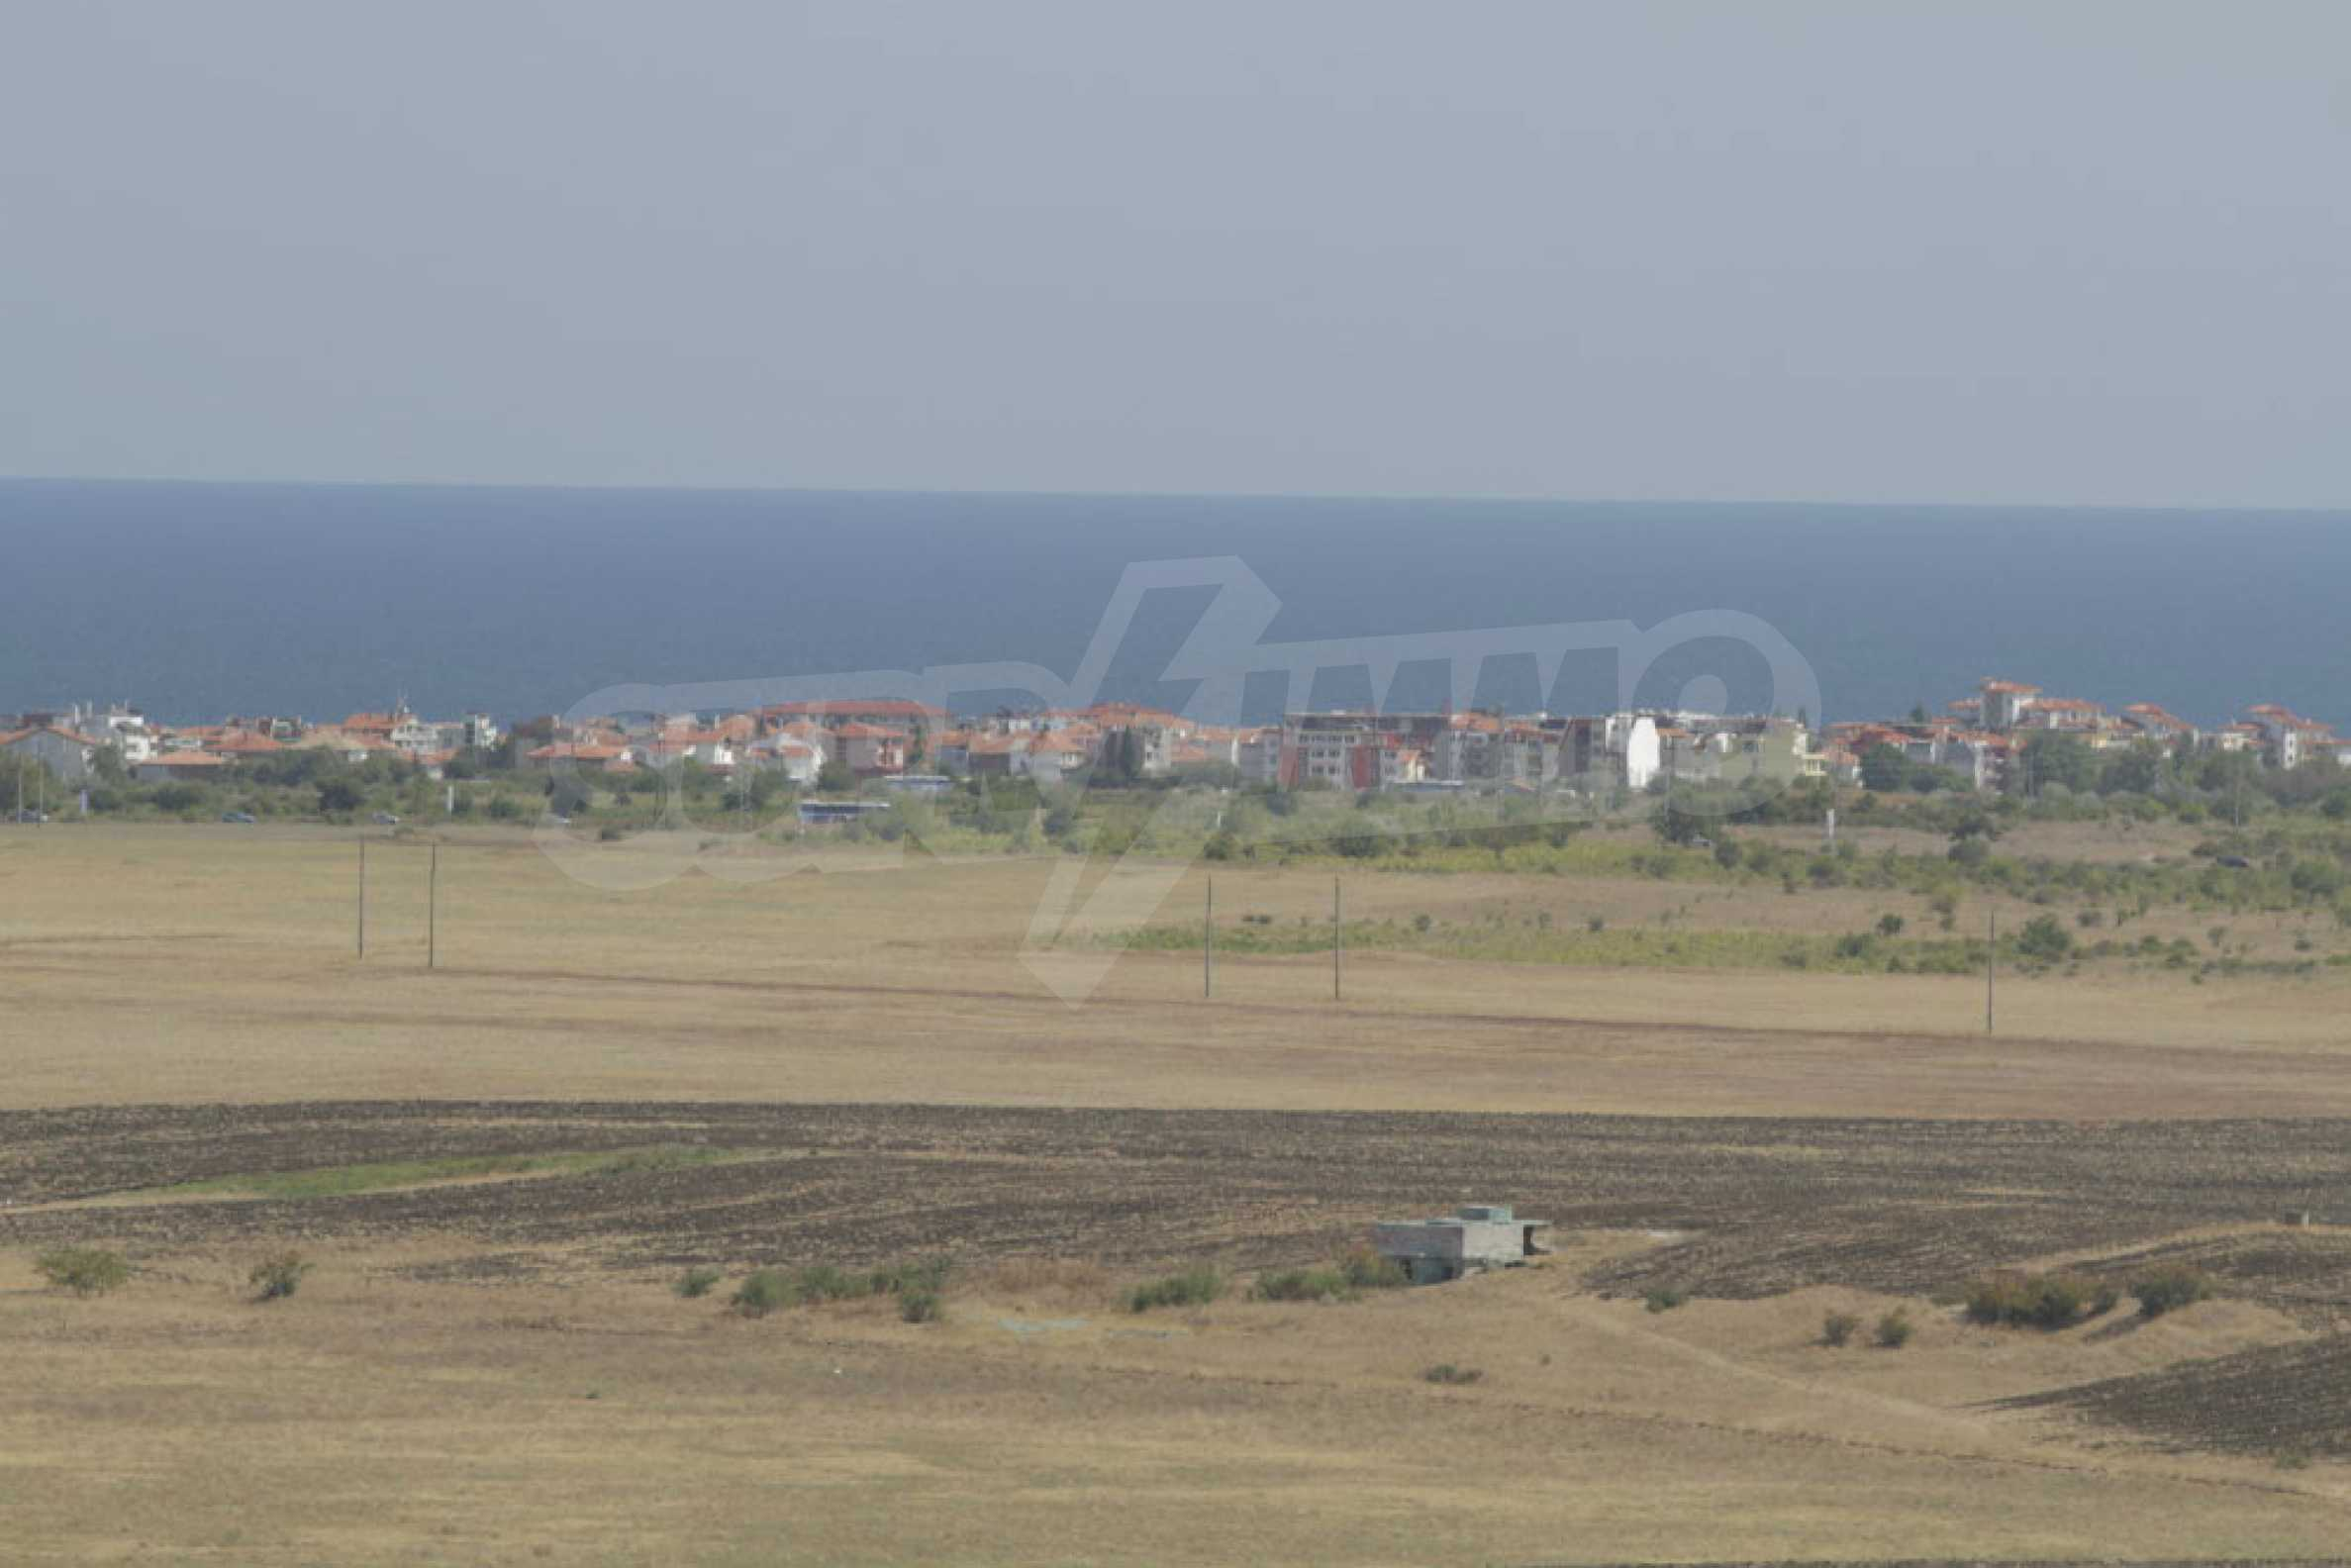 Attraktives Grundstück für Investieren in der Nähe des historischen Komplexes Aheloy 917 und Sonnenstrand, bei Tankowo und Aheloy 23